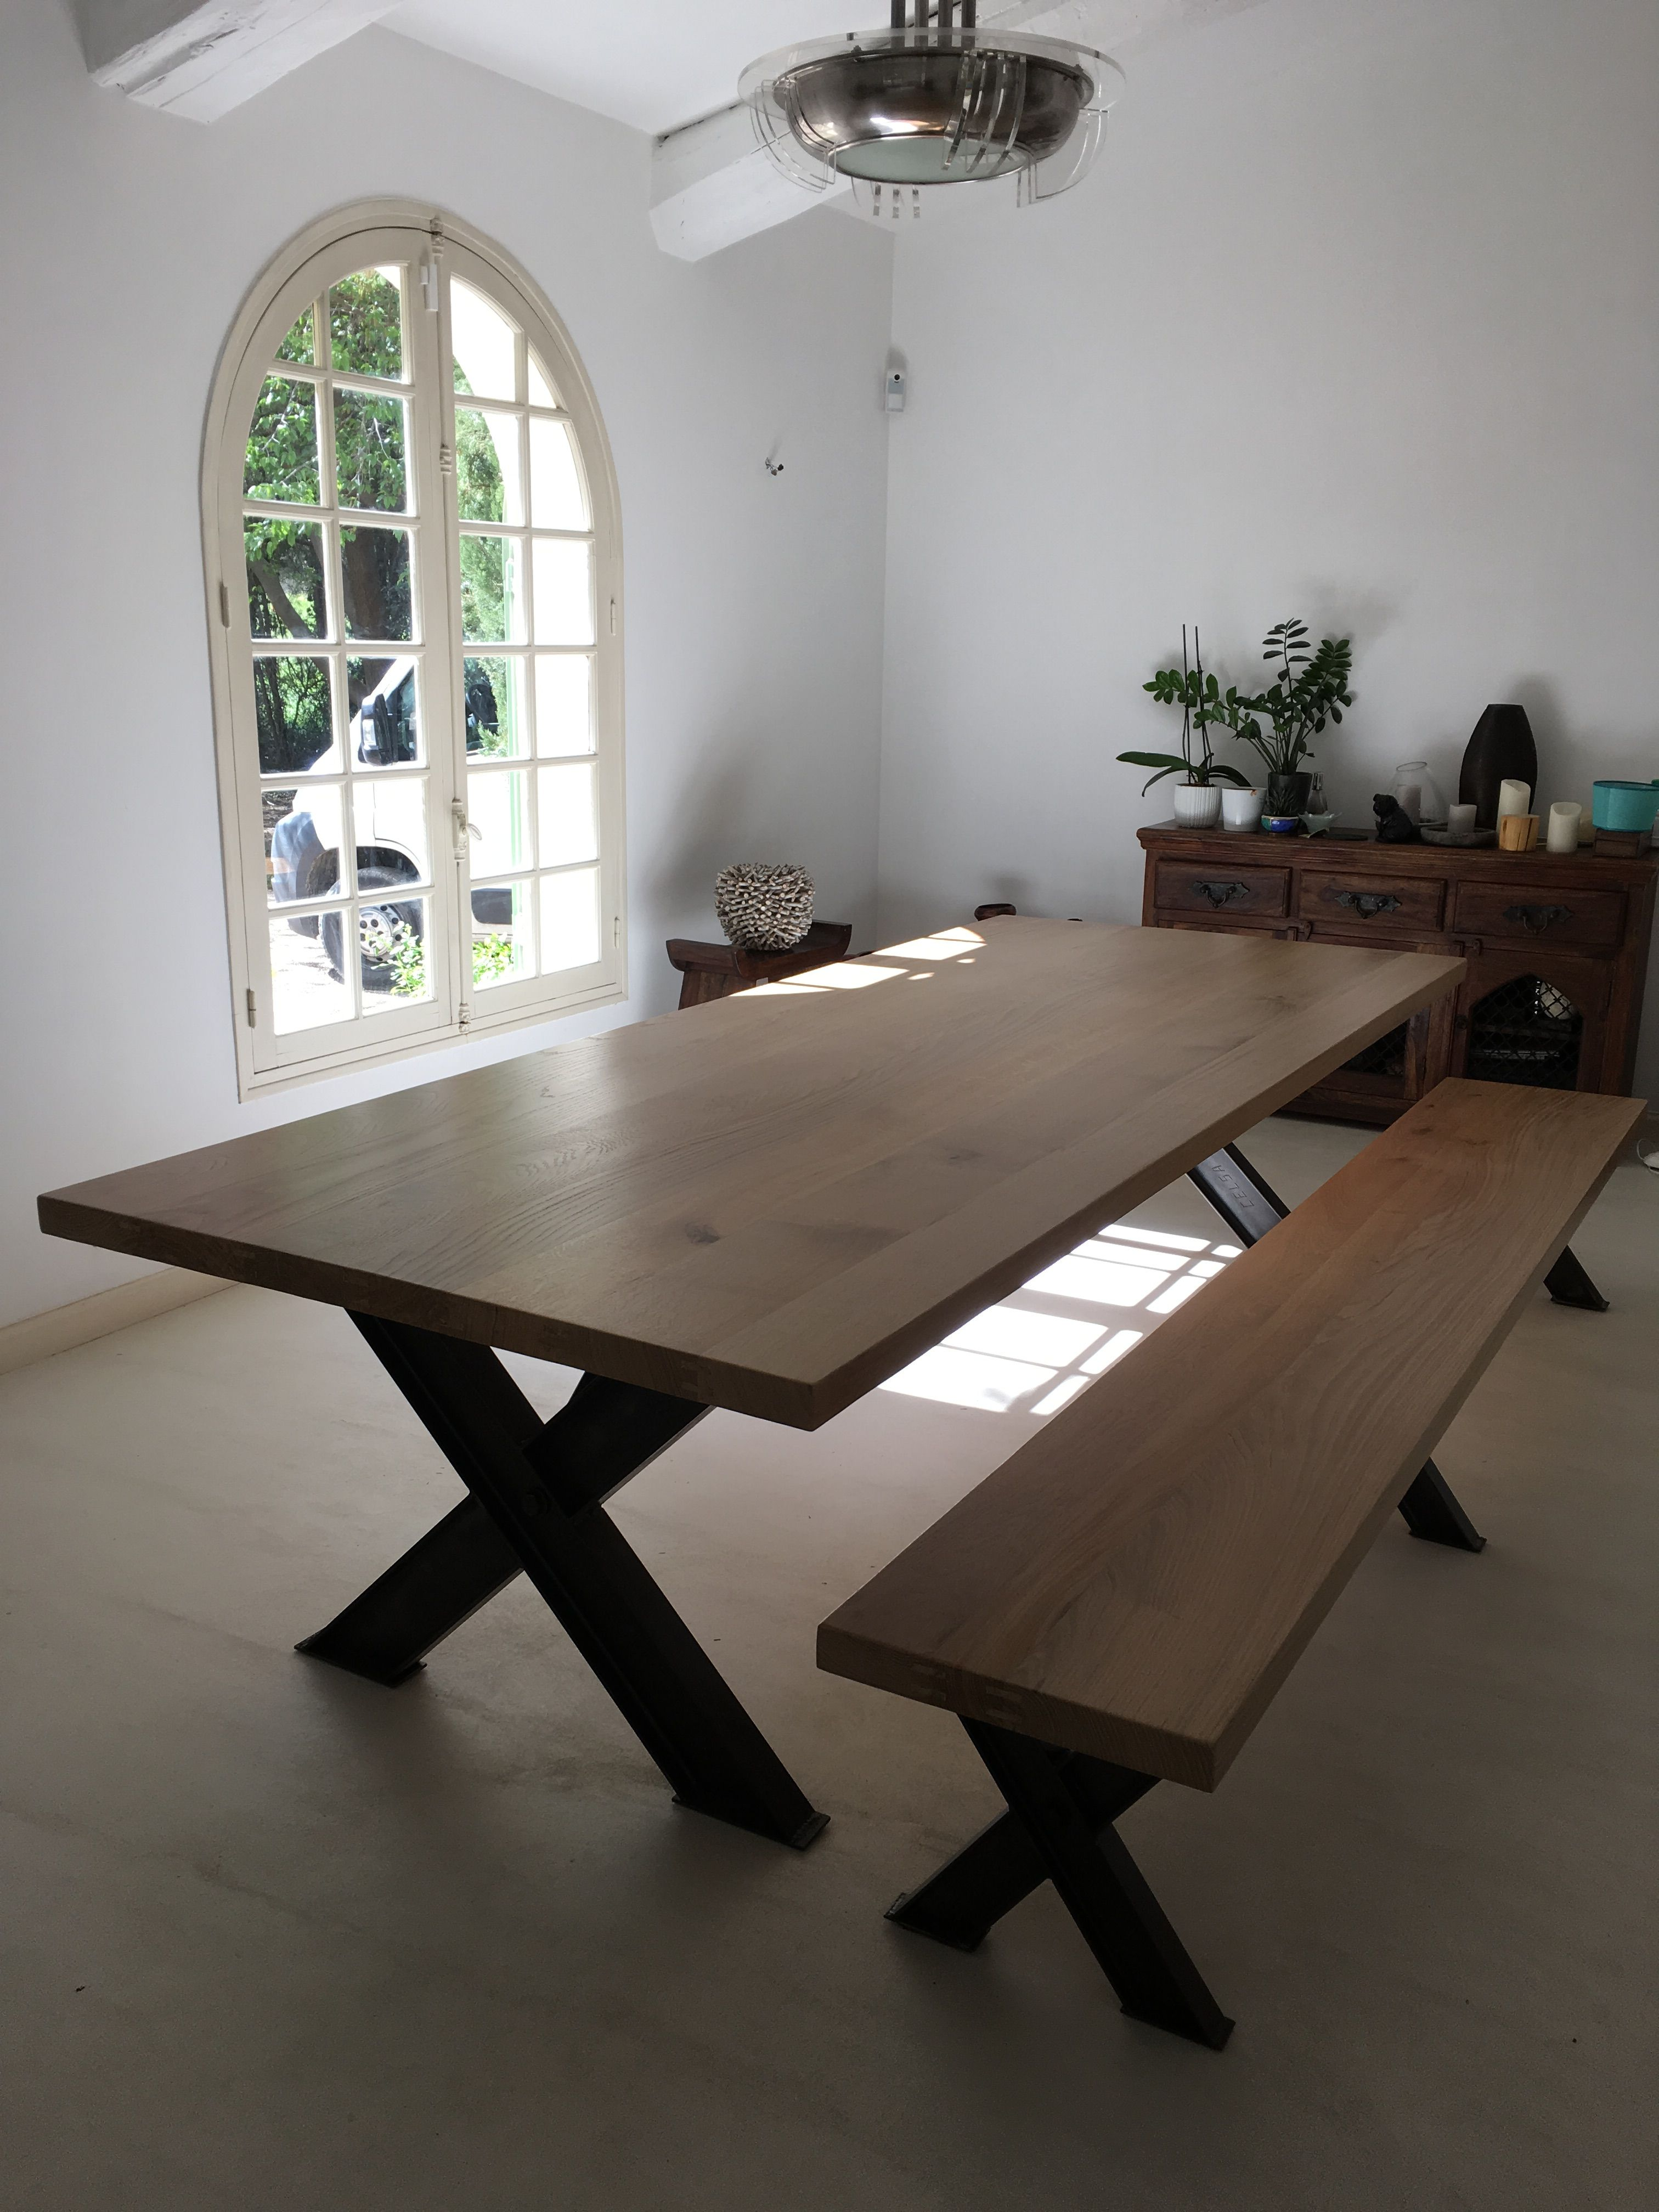 Table Pieds En Croix Pieds X Ipn Industrielle Avec Son Banc Deco Salle A Manger Salle A Manger Industrielle Salle A Manger